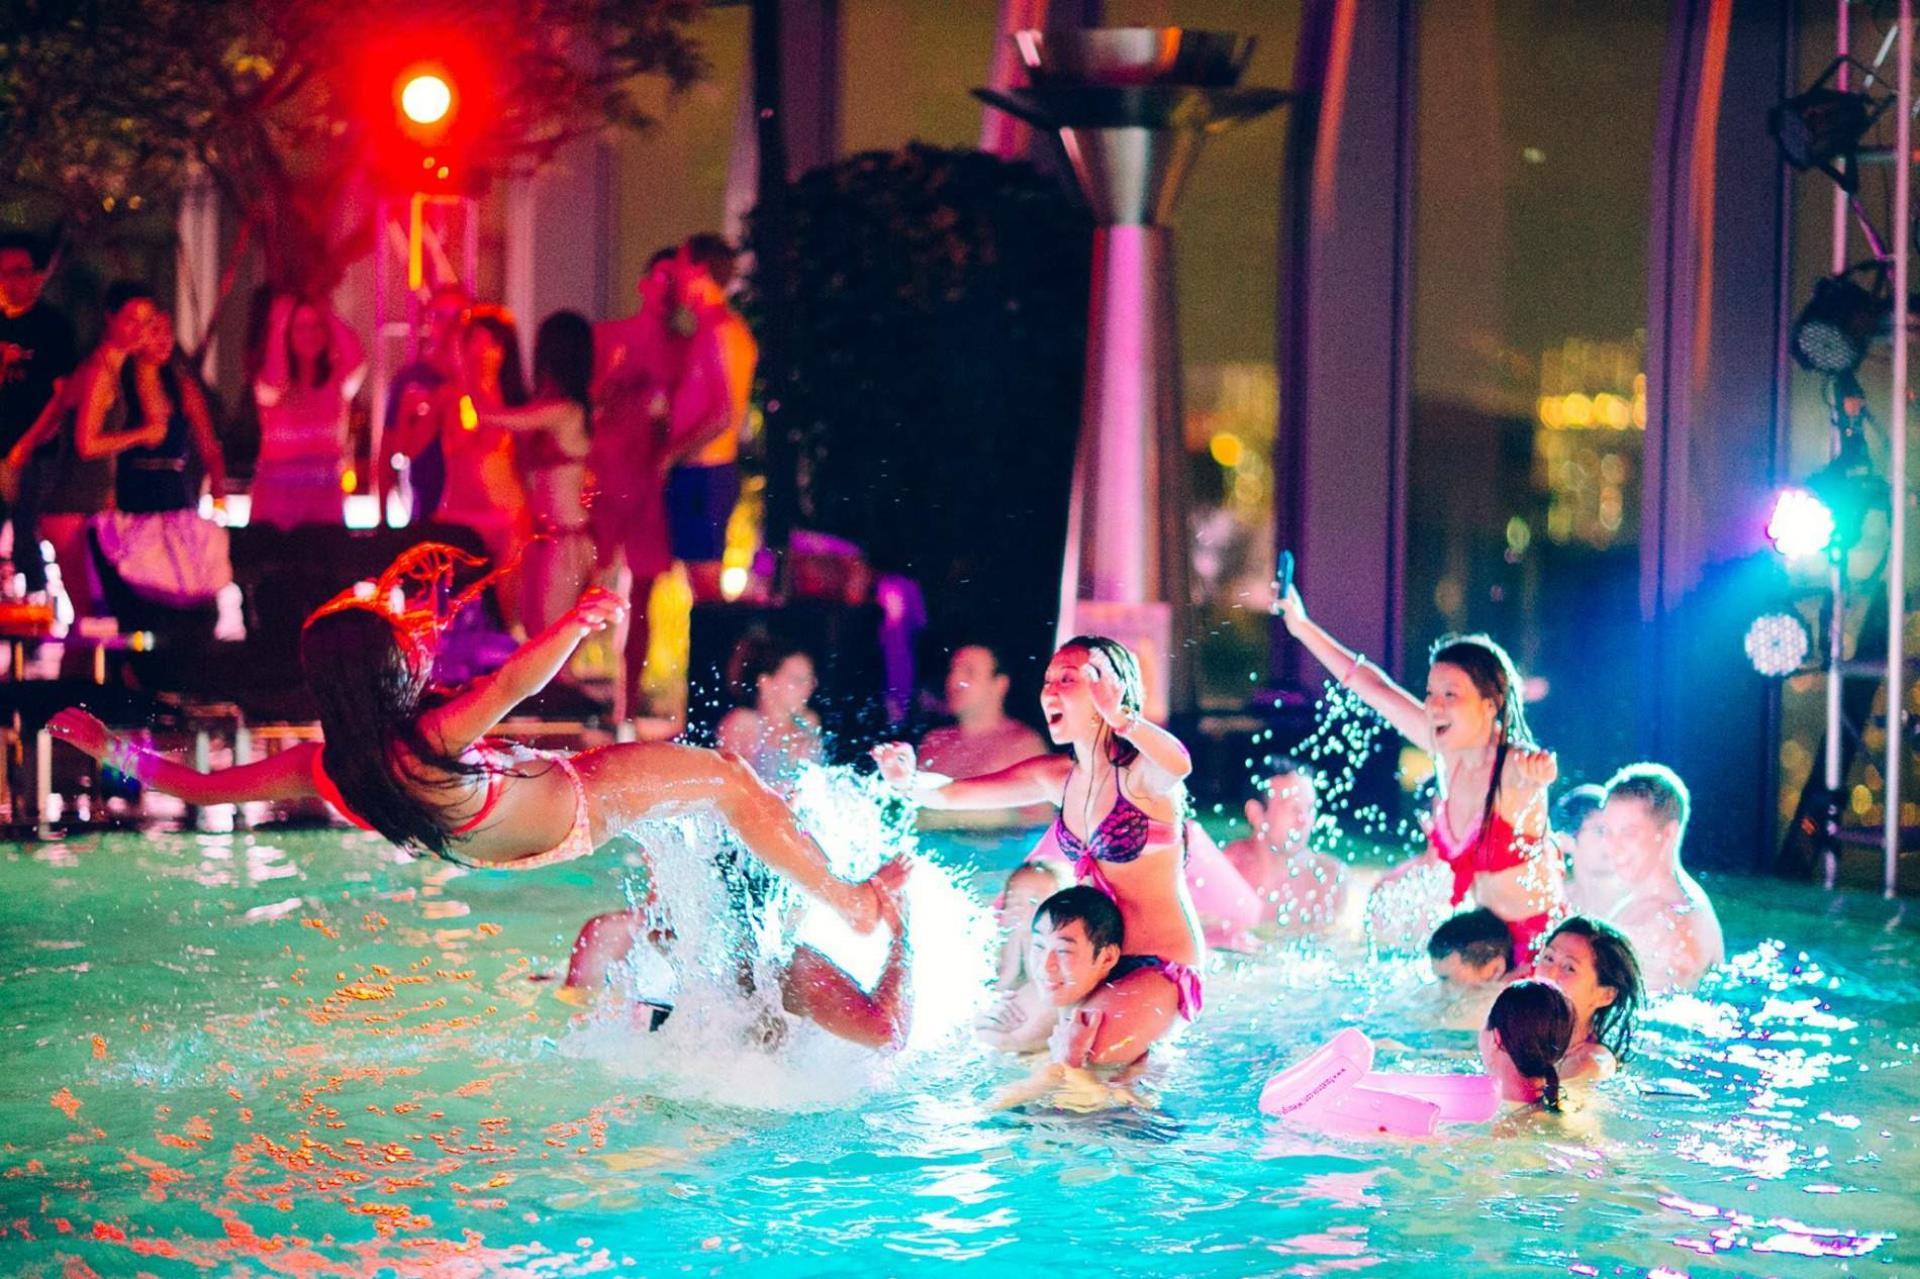 Χανιά: Νέο λουκέτο σε επιχείρηση που διοργάνωσε pool party